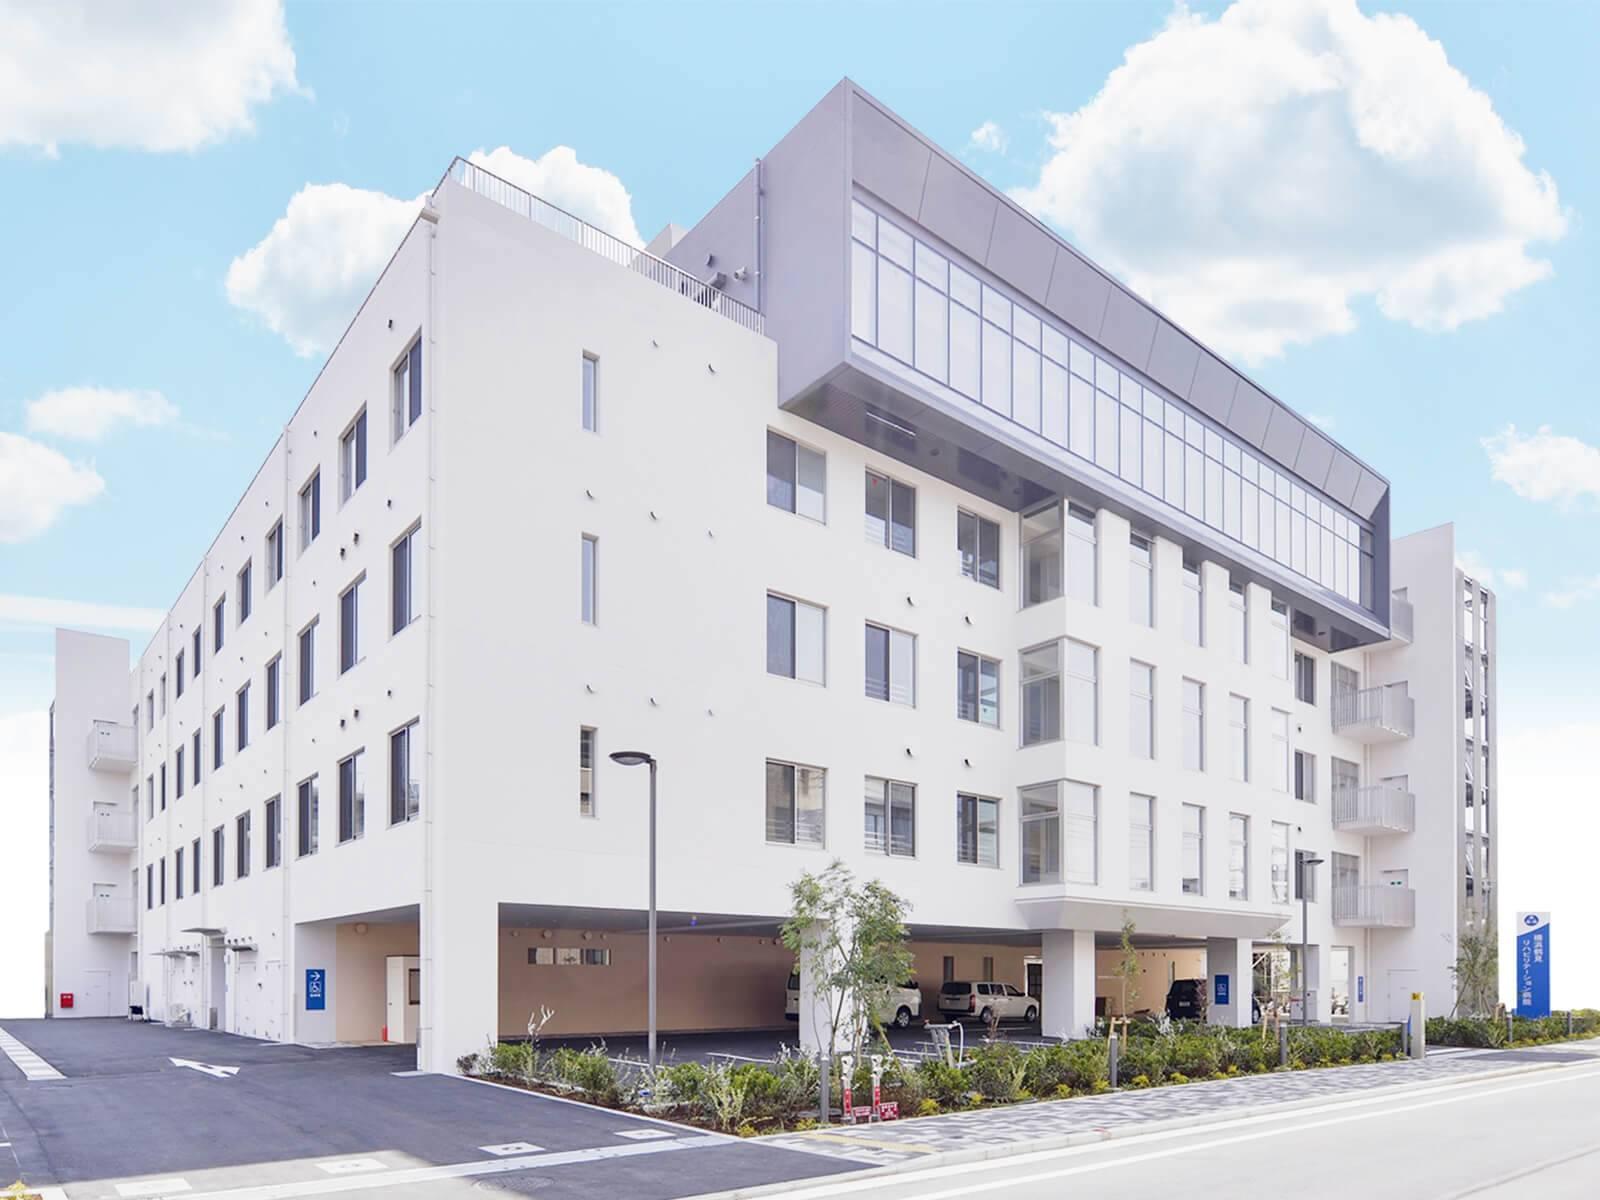 医療法人社団 協友会 横浜鶴見リハビリテーション病院